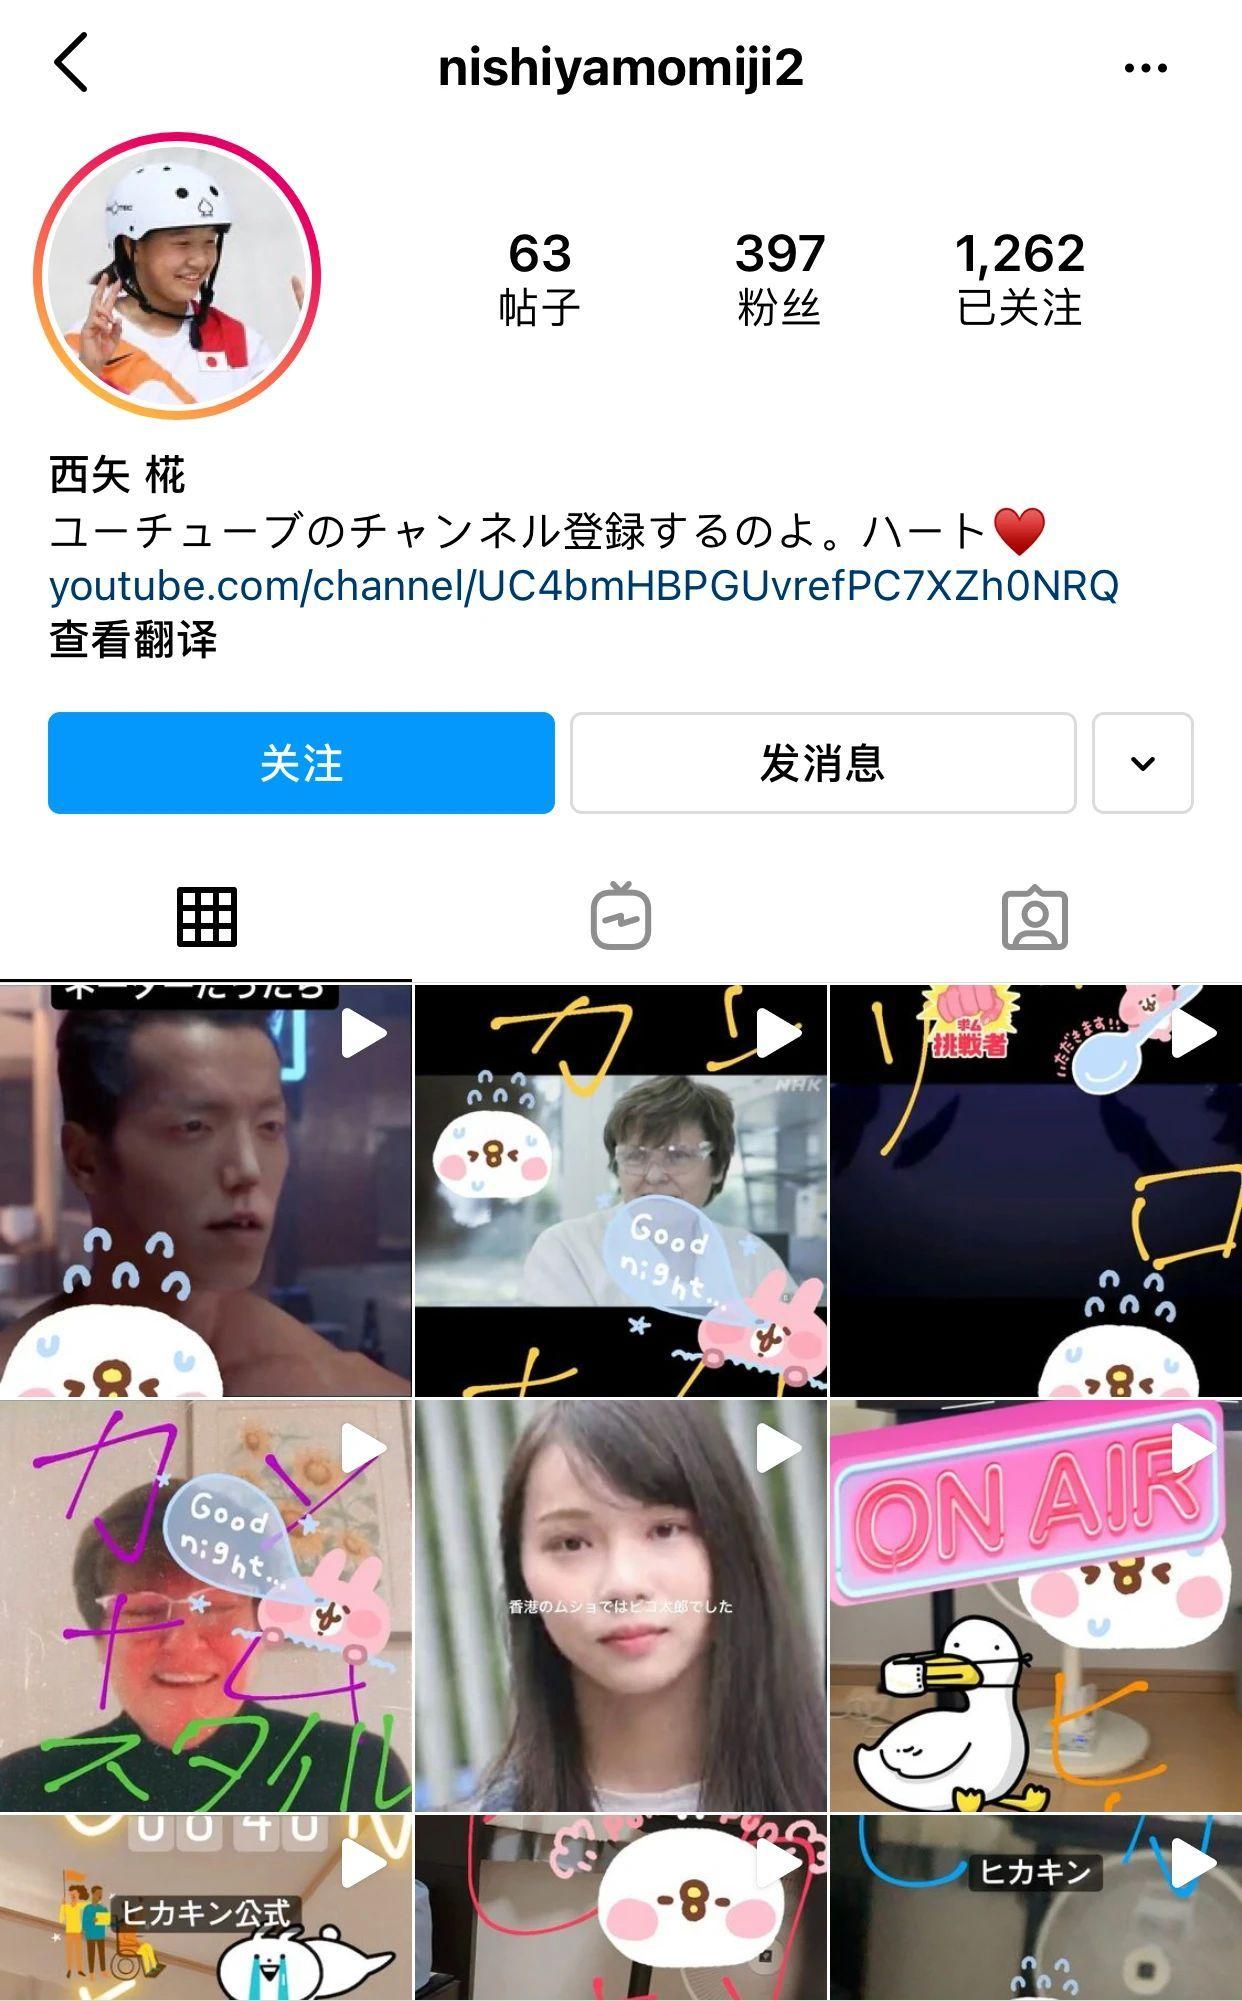 快乐元气的滑板少女西矢椛夺得奥运会冠军而逐渐改变日本人的刻板印象 (9)